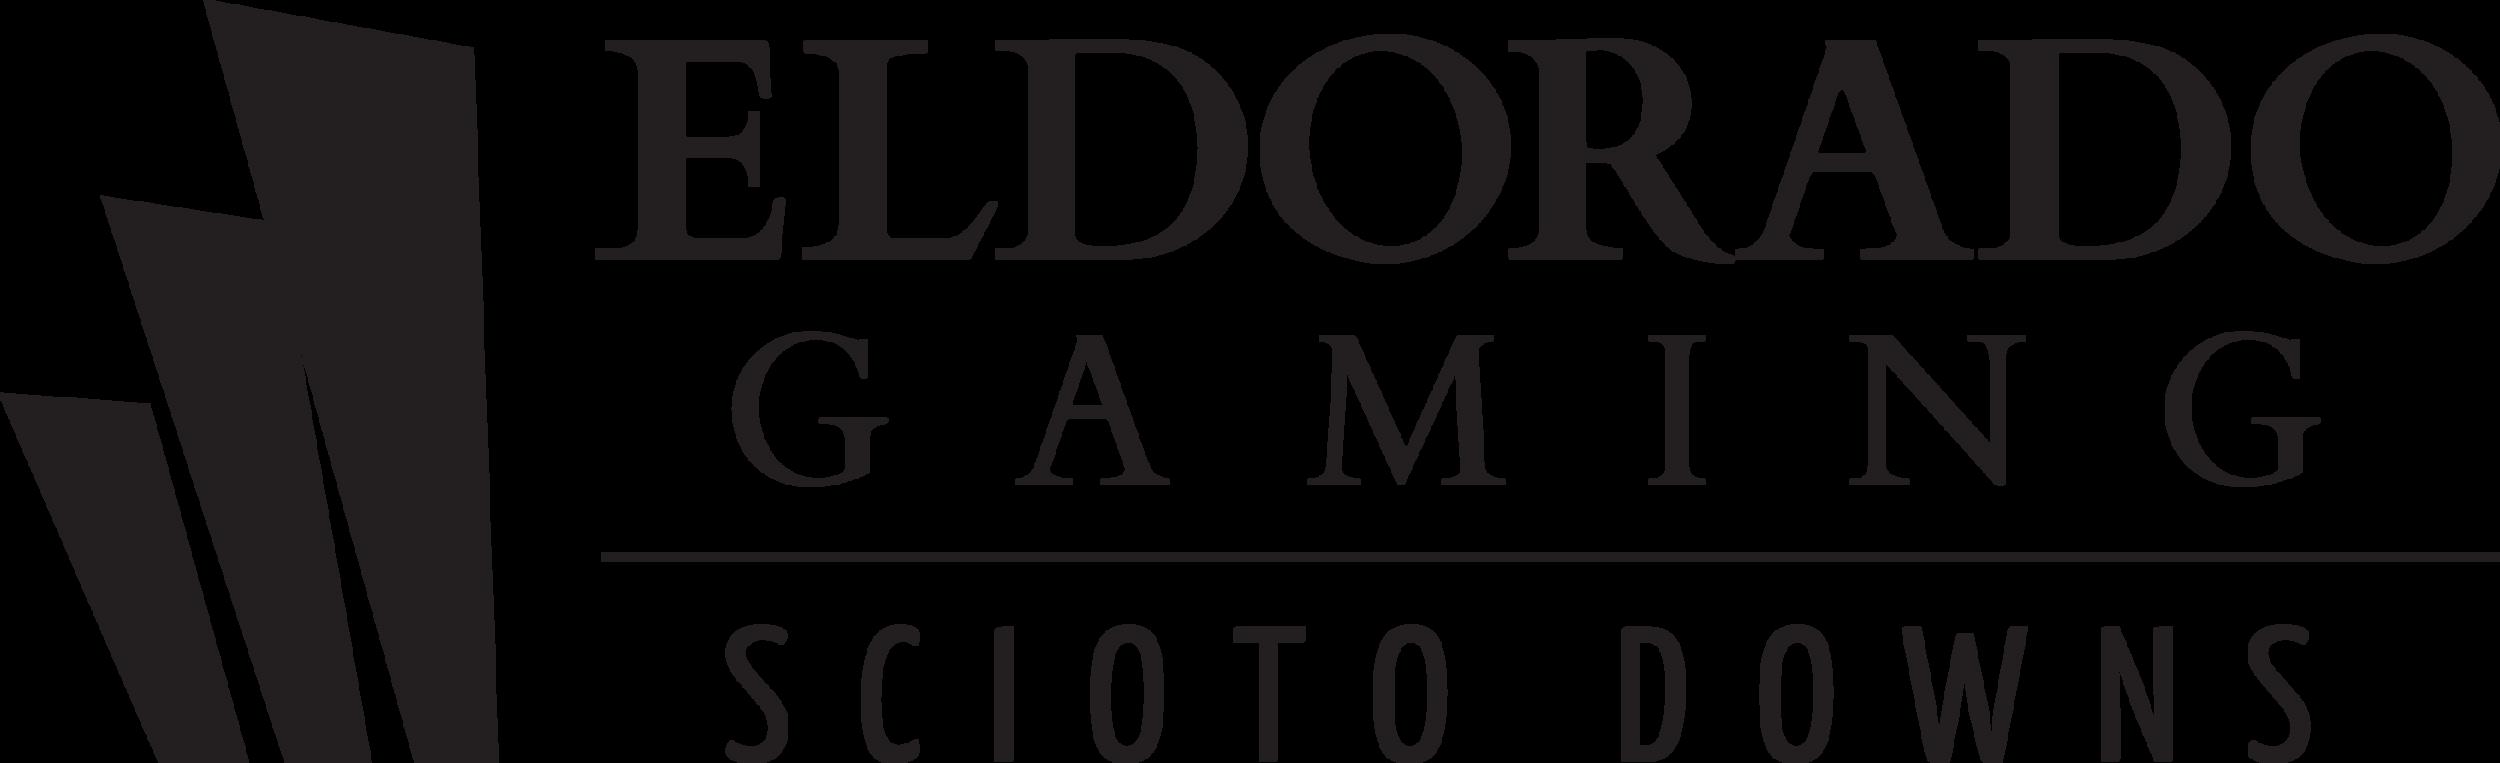 eldorado_gaming_scioto_downs_black.png